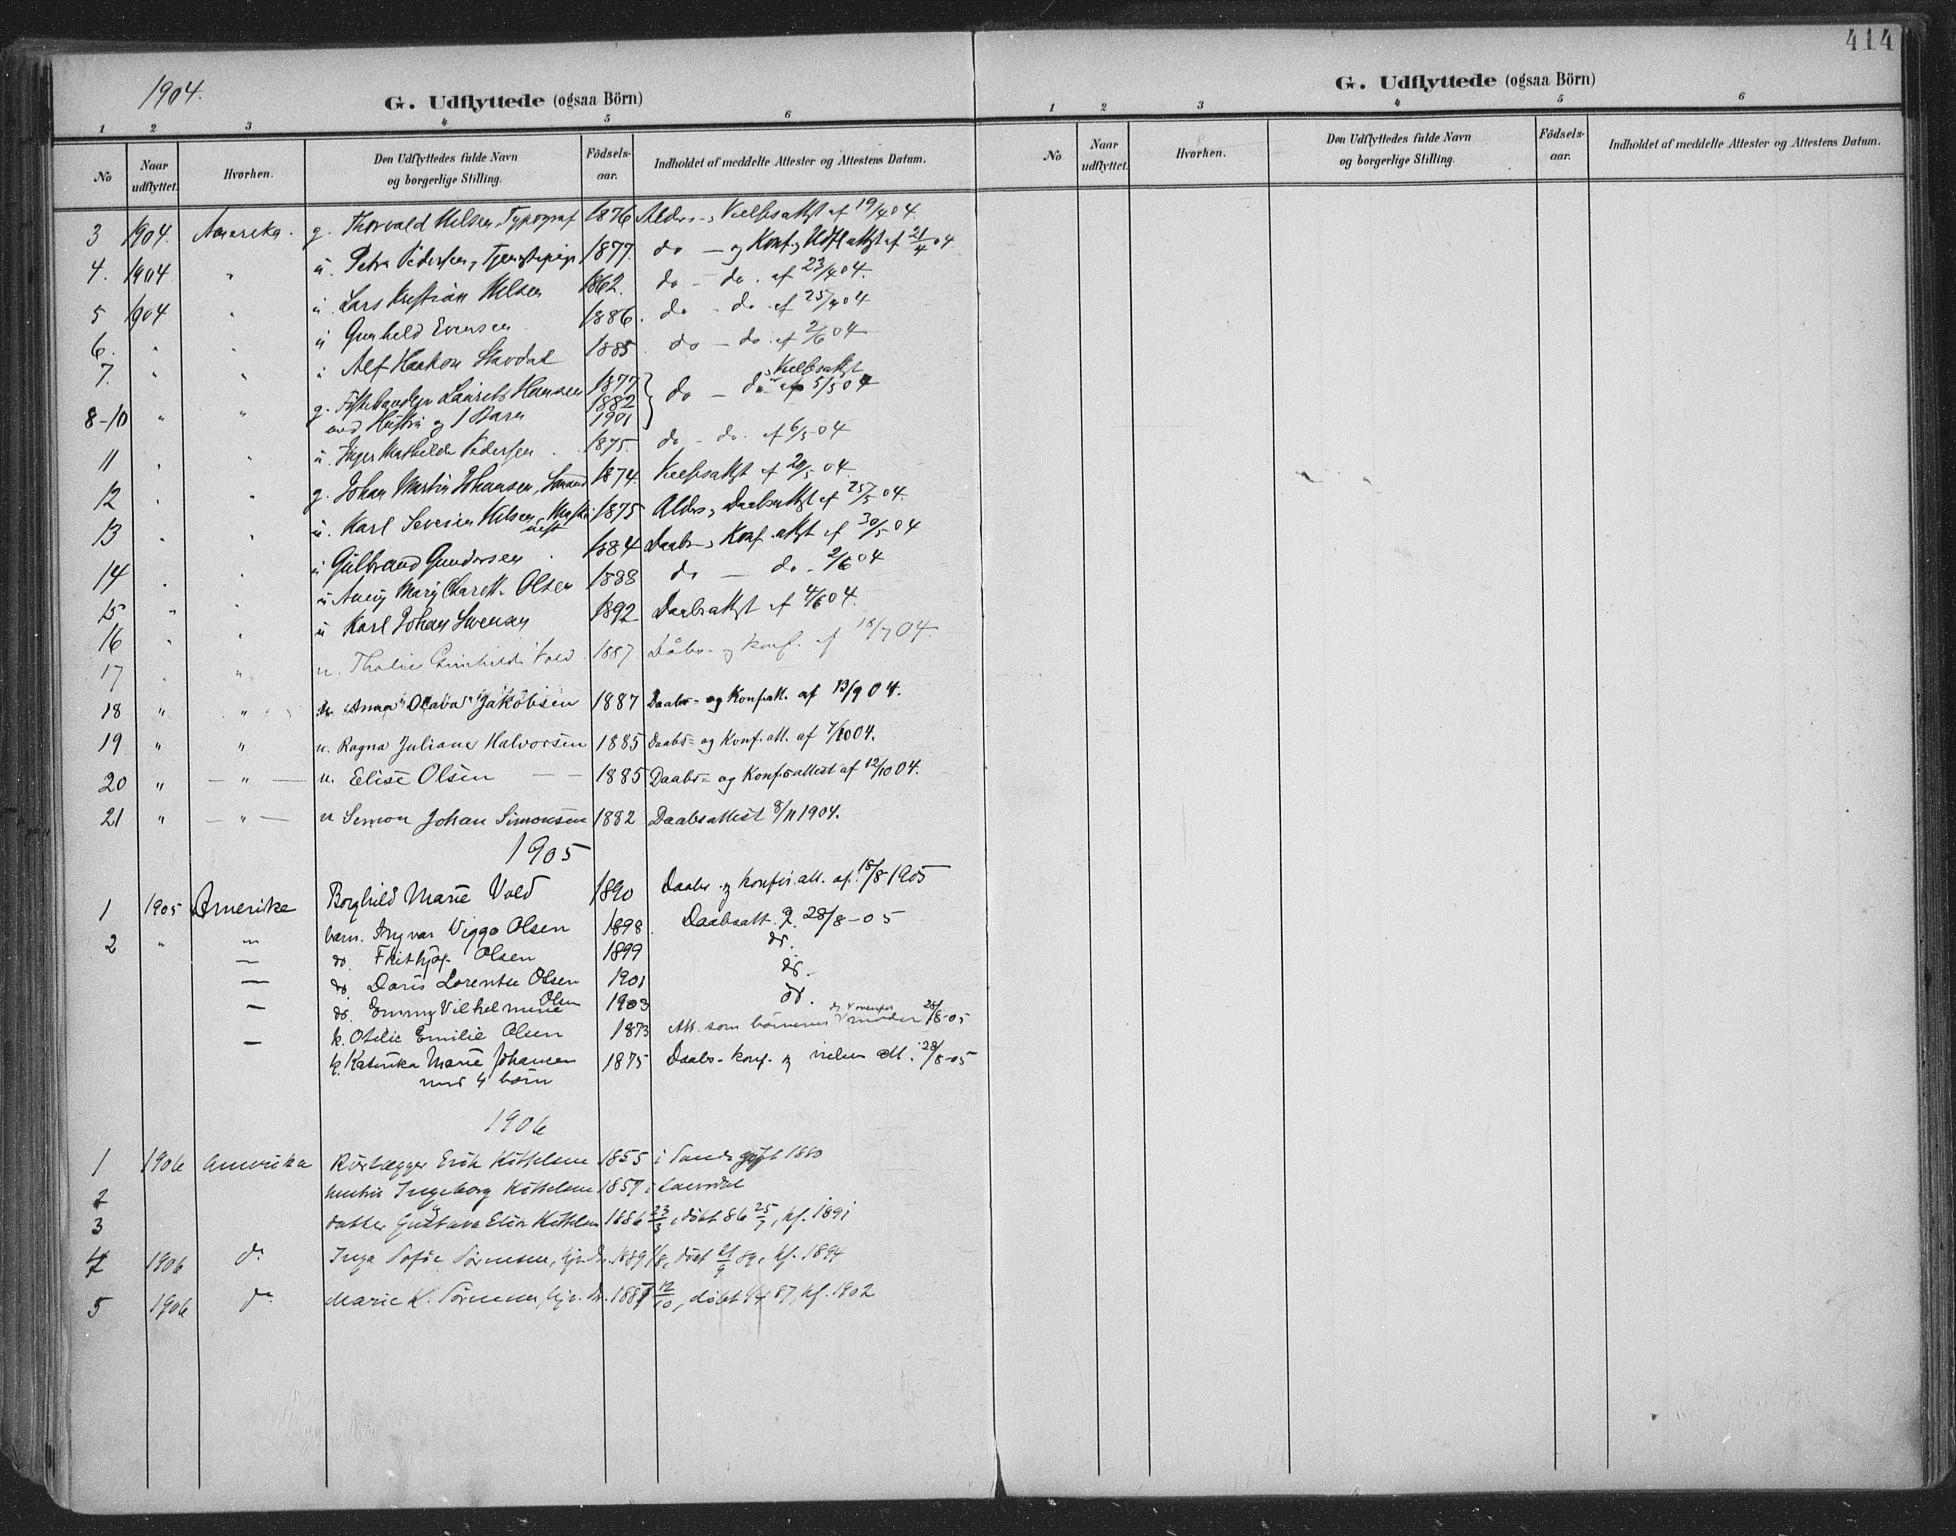 SAKO, Skien kirkebøker, F/Fa/L0011: Ministerialbok nr. 11, 1900-1907, s. 414